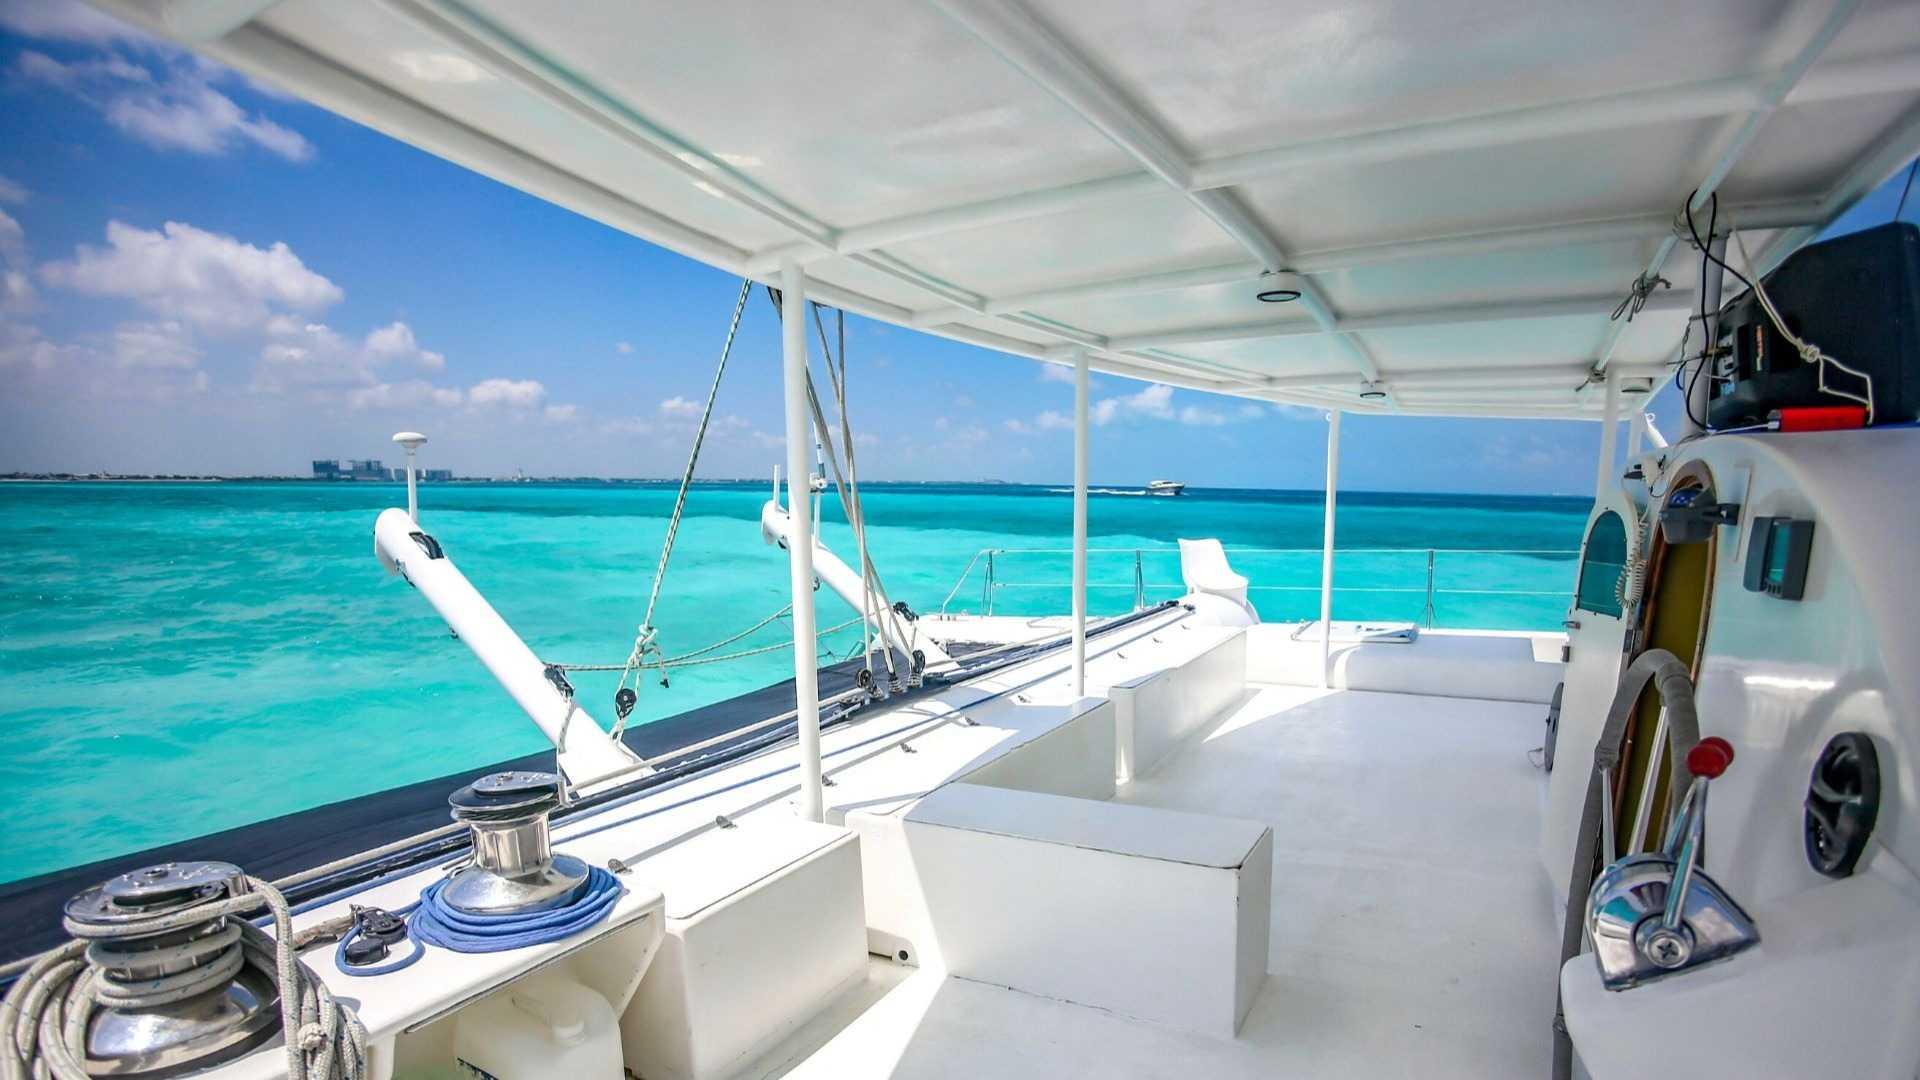 5 - LoRes - Induna - Isla Mujeres Catamaran Tour - Cancun Sailing